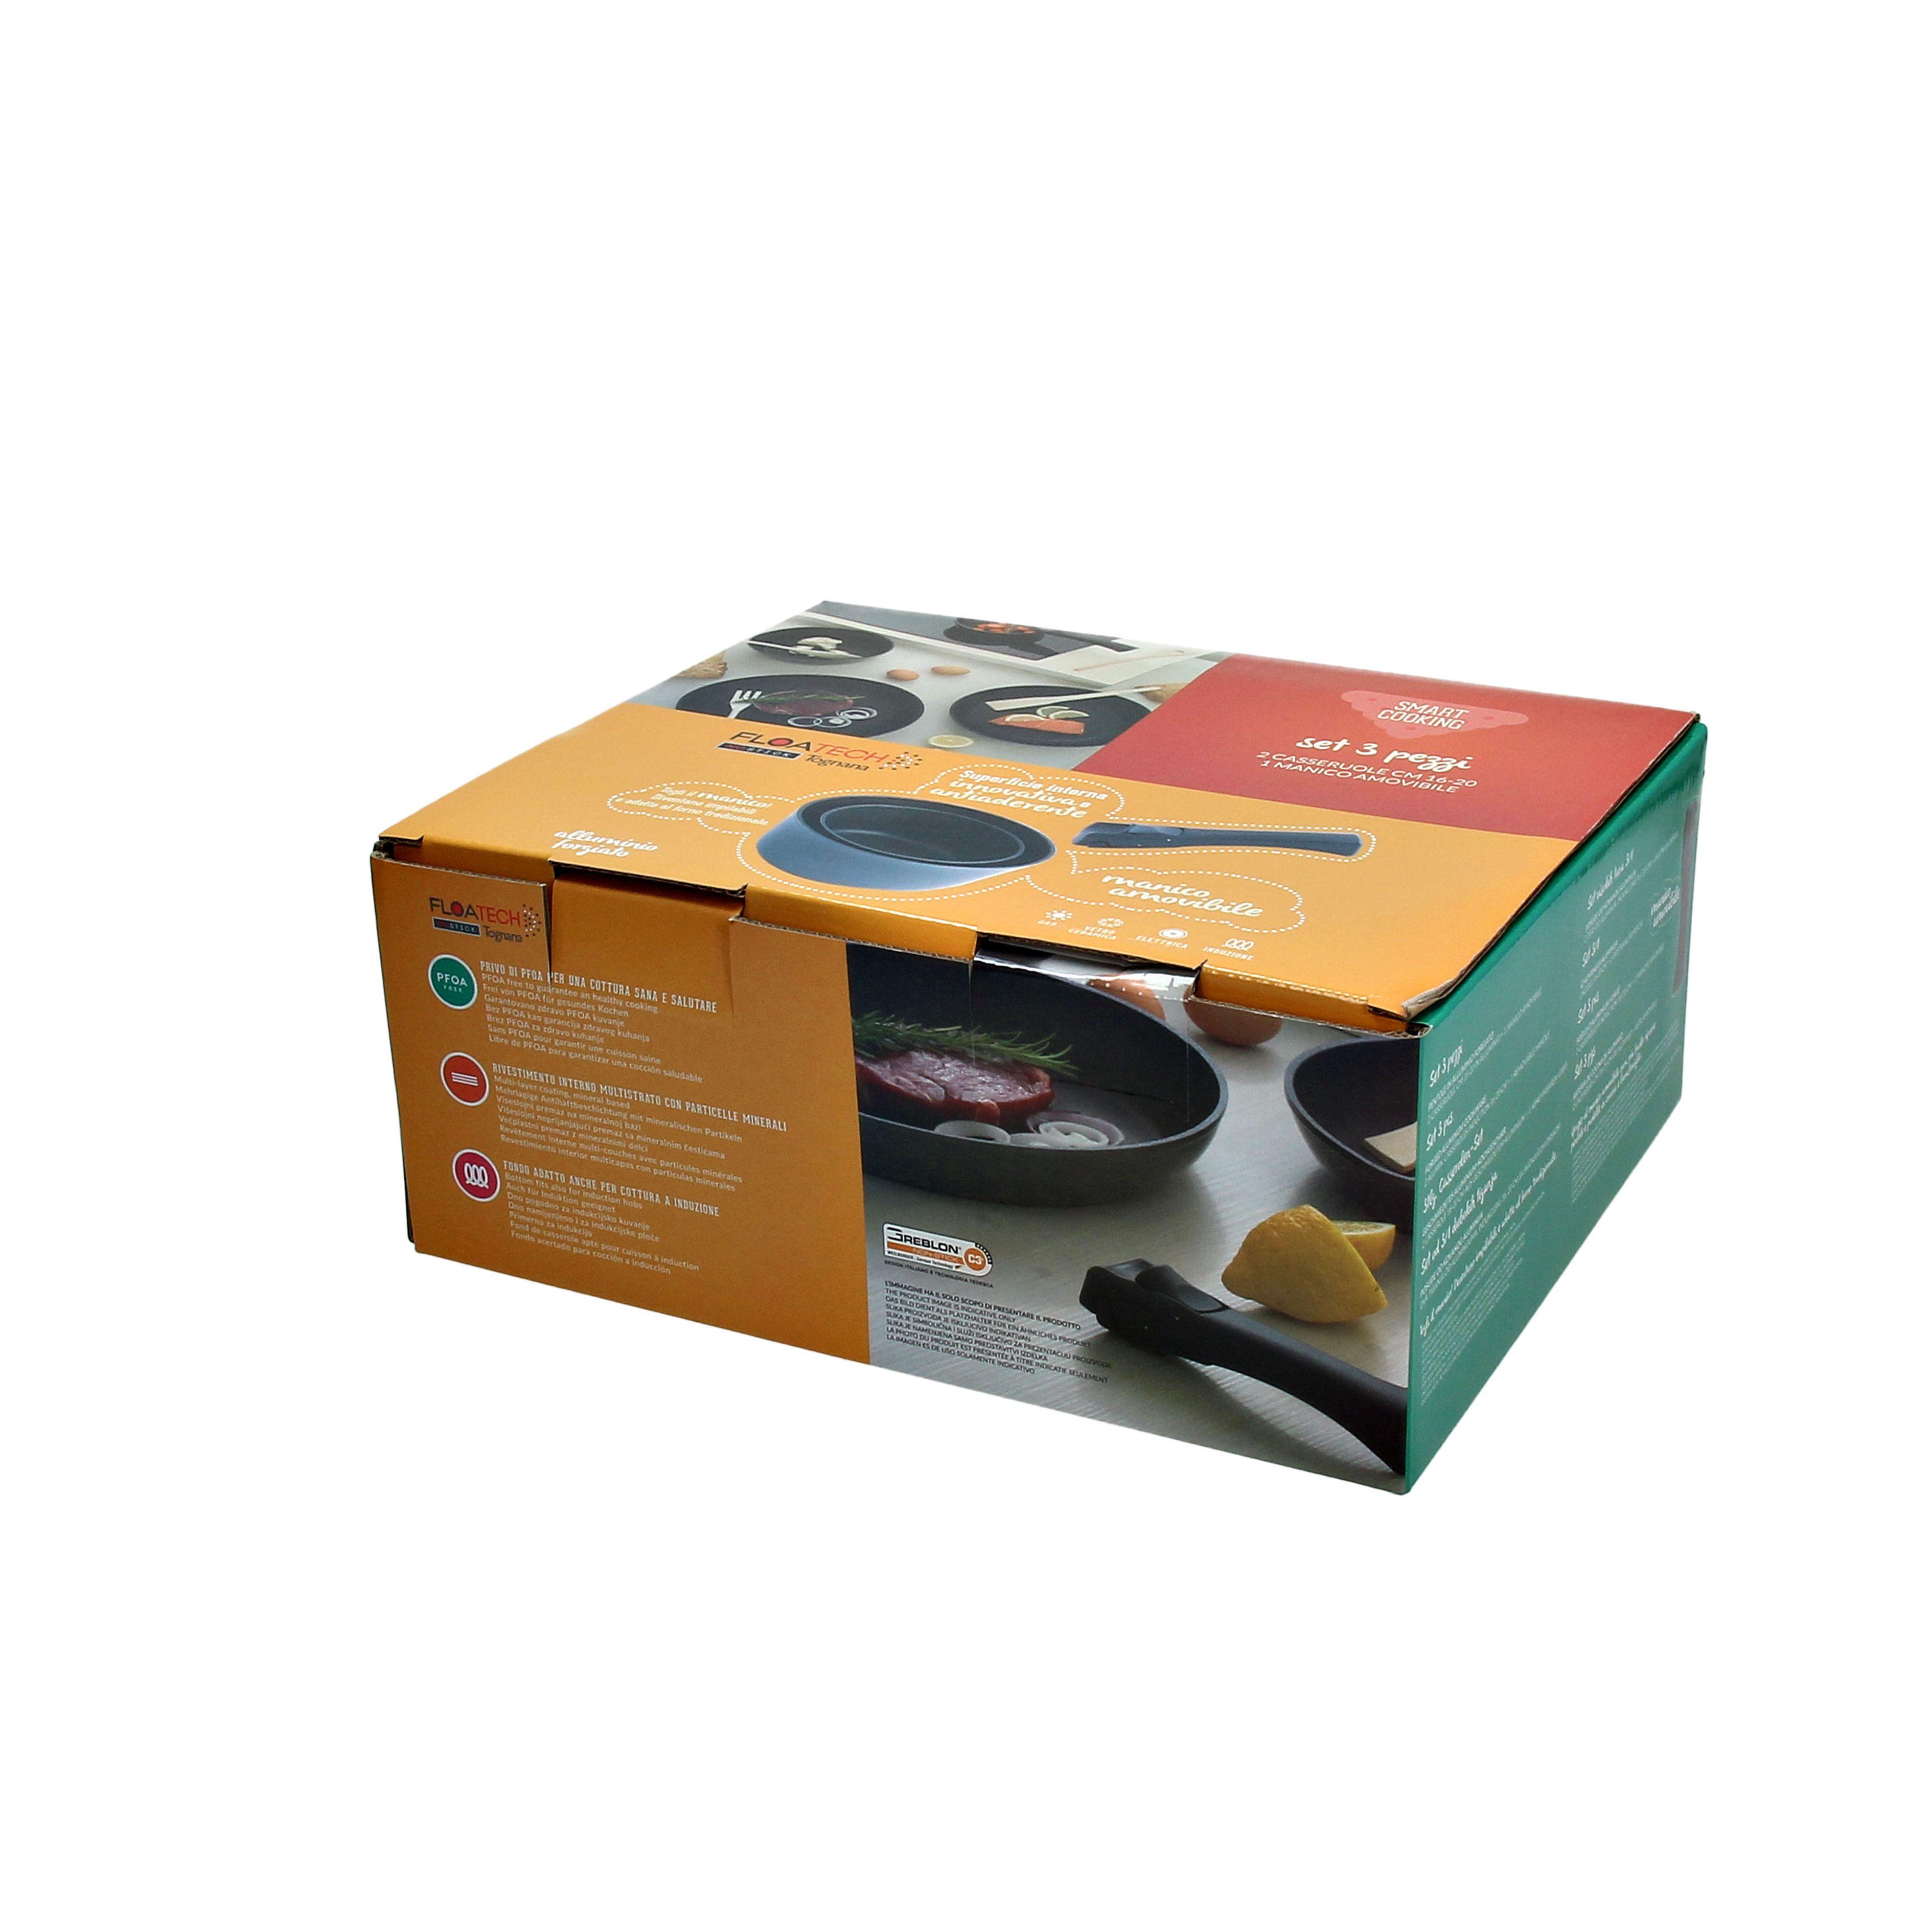 Набор сковород 3 предмета Smart cook (сковороды 26+30 см; съмная ручка)Набор сковород – это незаменимый атрибут для любой кухни. Несколько разных моделей, входящих в этот набор, оптимально подходят для приготовления самых разнообразных блюд. Представленные изделия изготавливаются из алюминия. Этот легкий и прочный металл надежно защищает сковороды от случайных повреждений и других нежелательных воздействий. Пластиковые ручки не проводят тепло, что исключает риск обжечься в процессе приготовления пищи. Специальная поверхность не допускает проскальзываний, что делает эксплуатацию не только удобной, но и безопасной.<br>